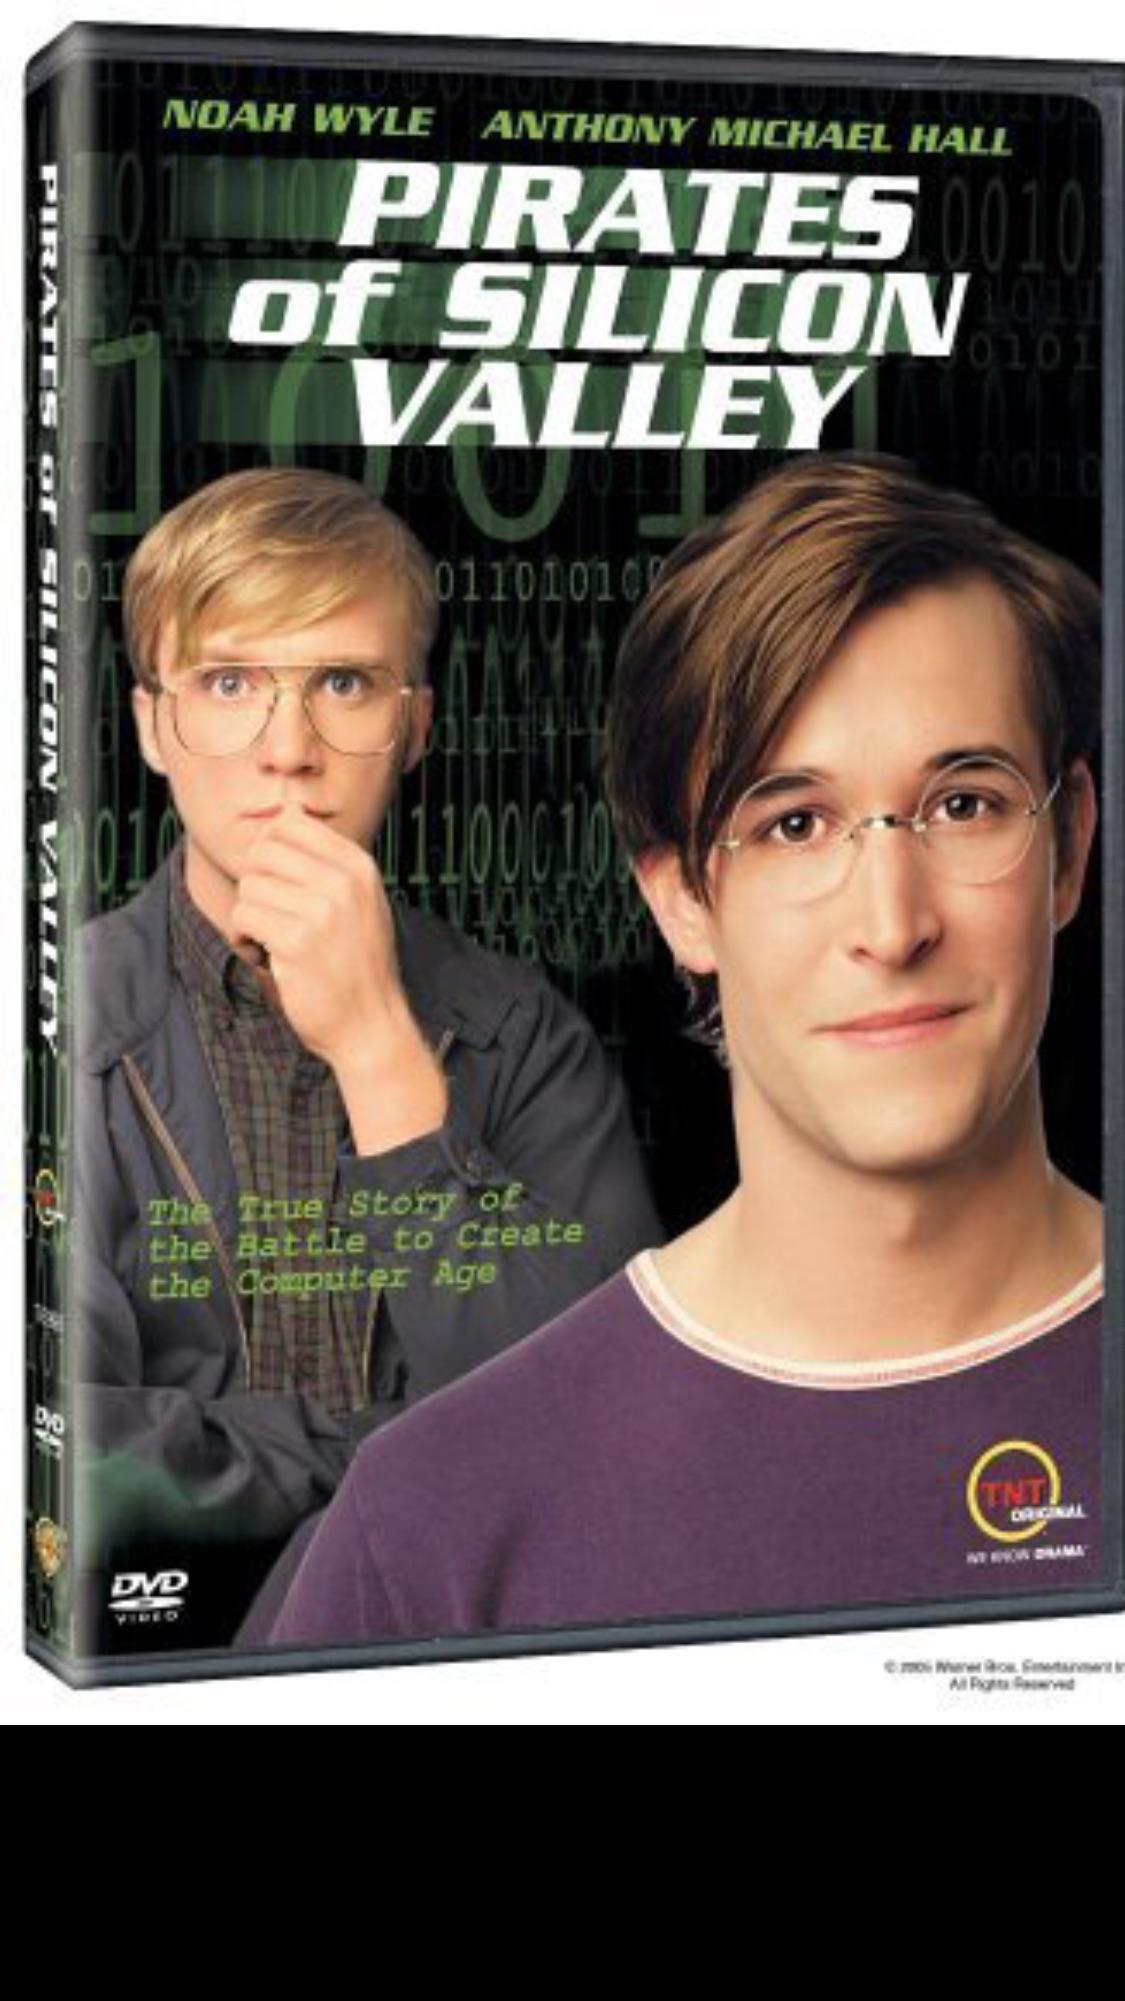 AMH as Bill Gates and Noah Wyle as STEVE Jobs.